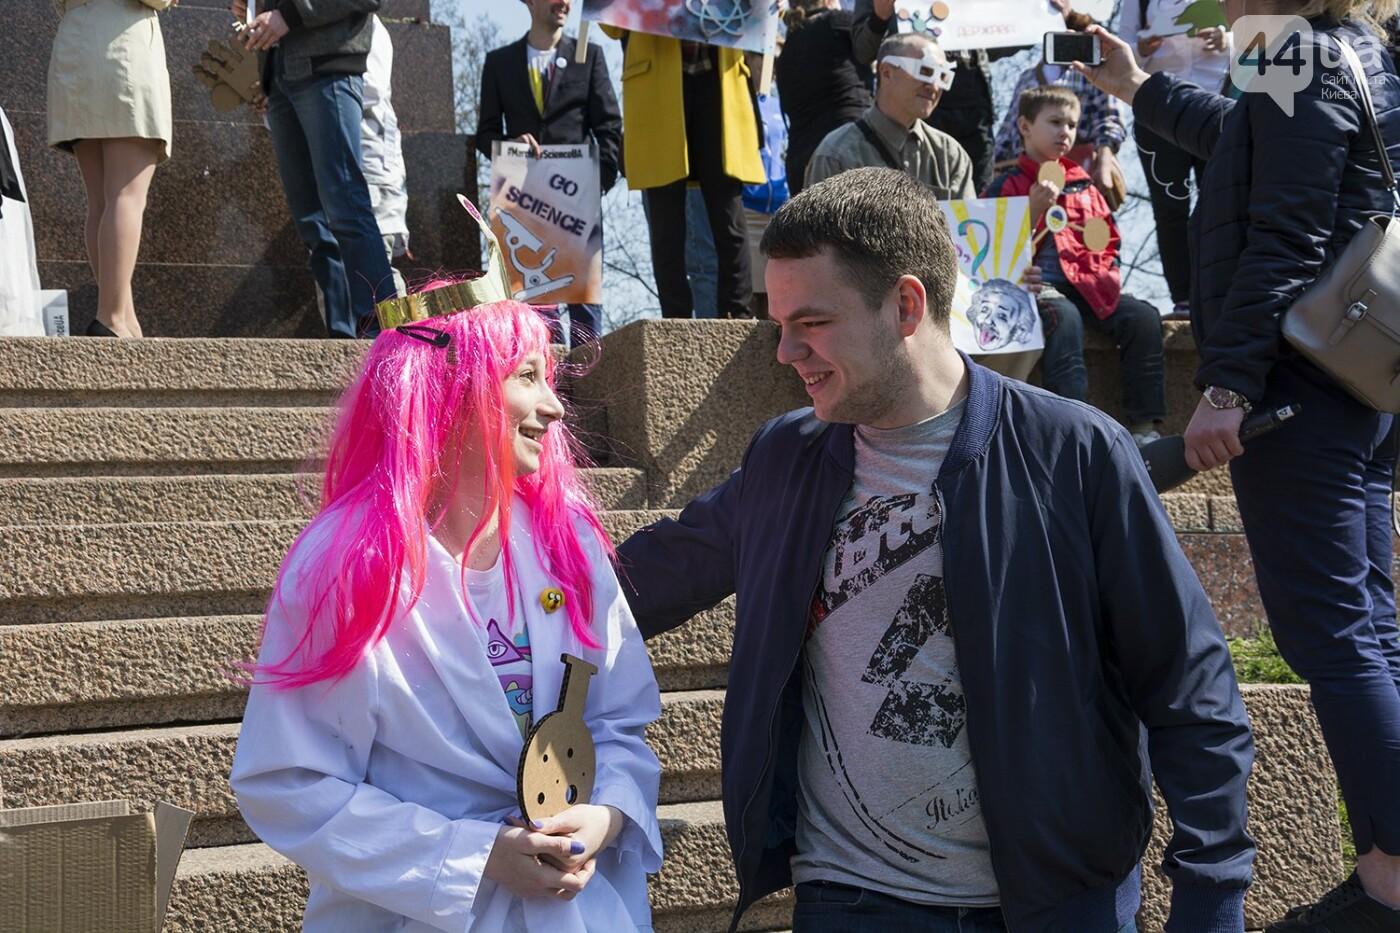 Ученые против мракобесия: в Киеве прошел марш за науку, фото-10